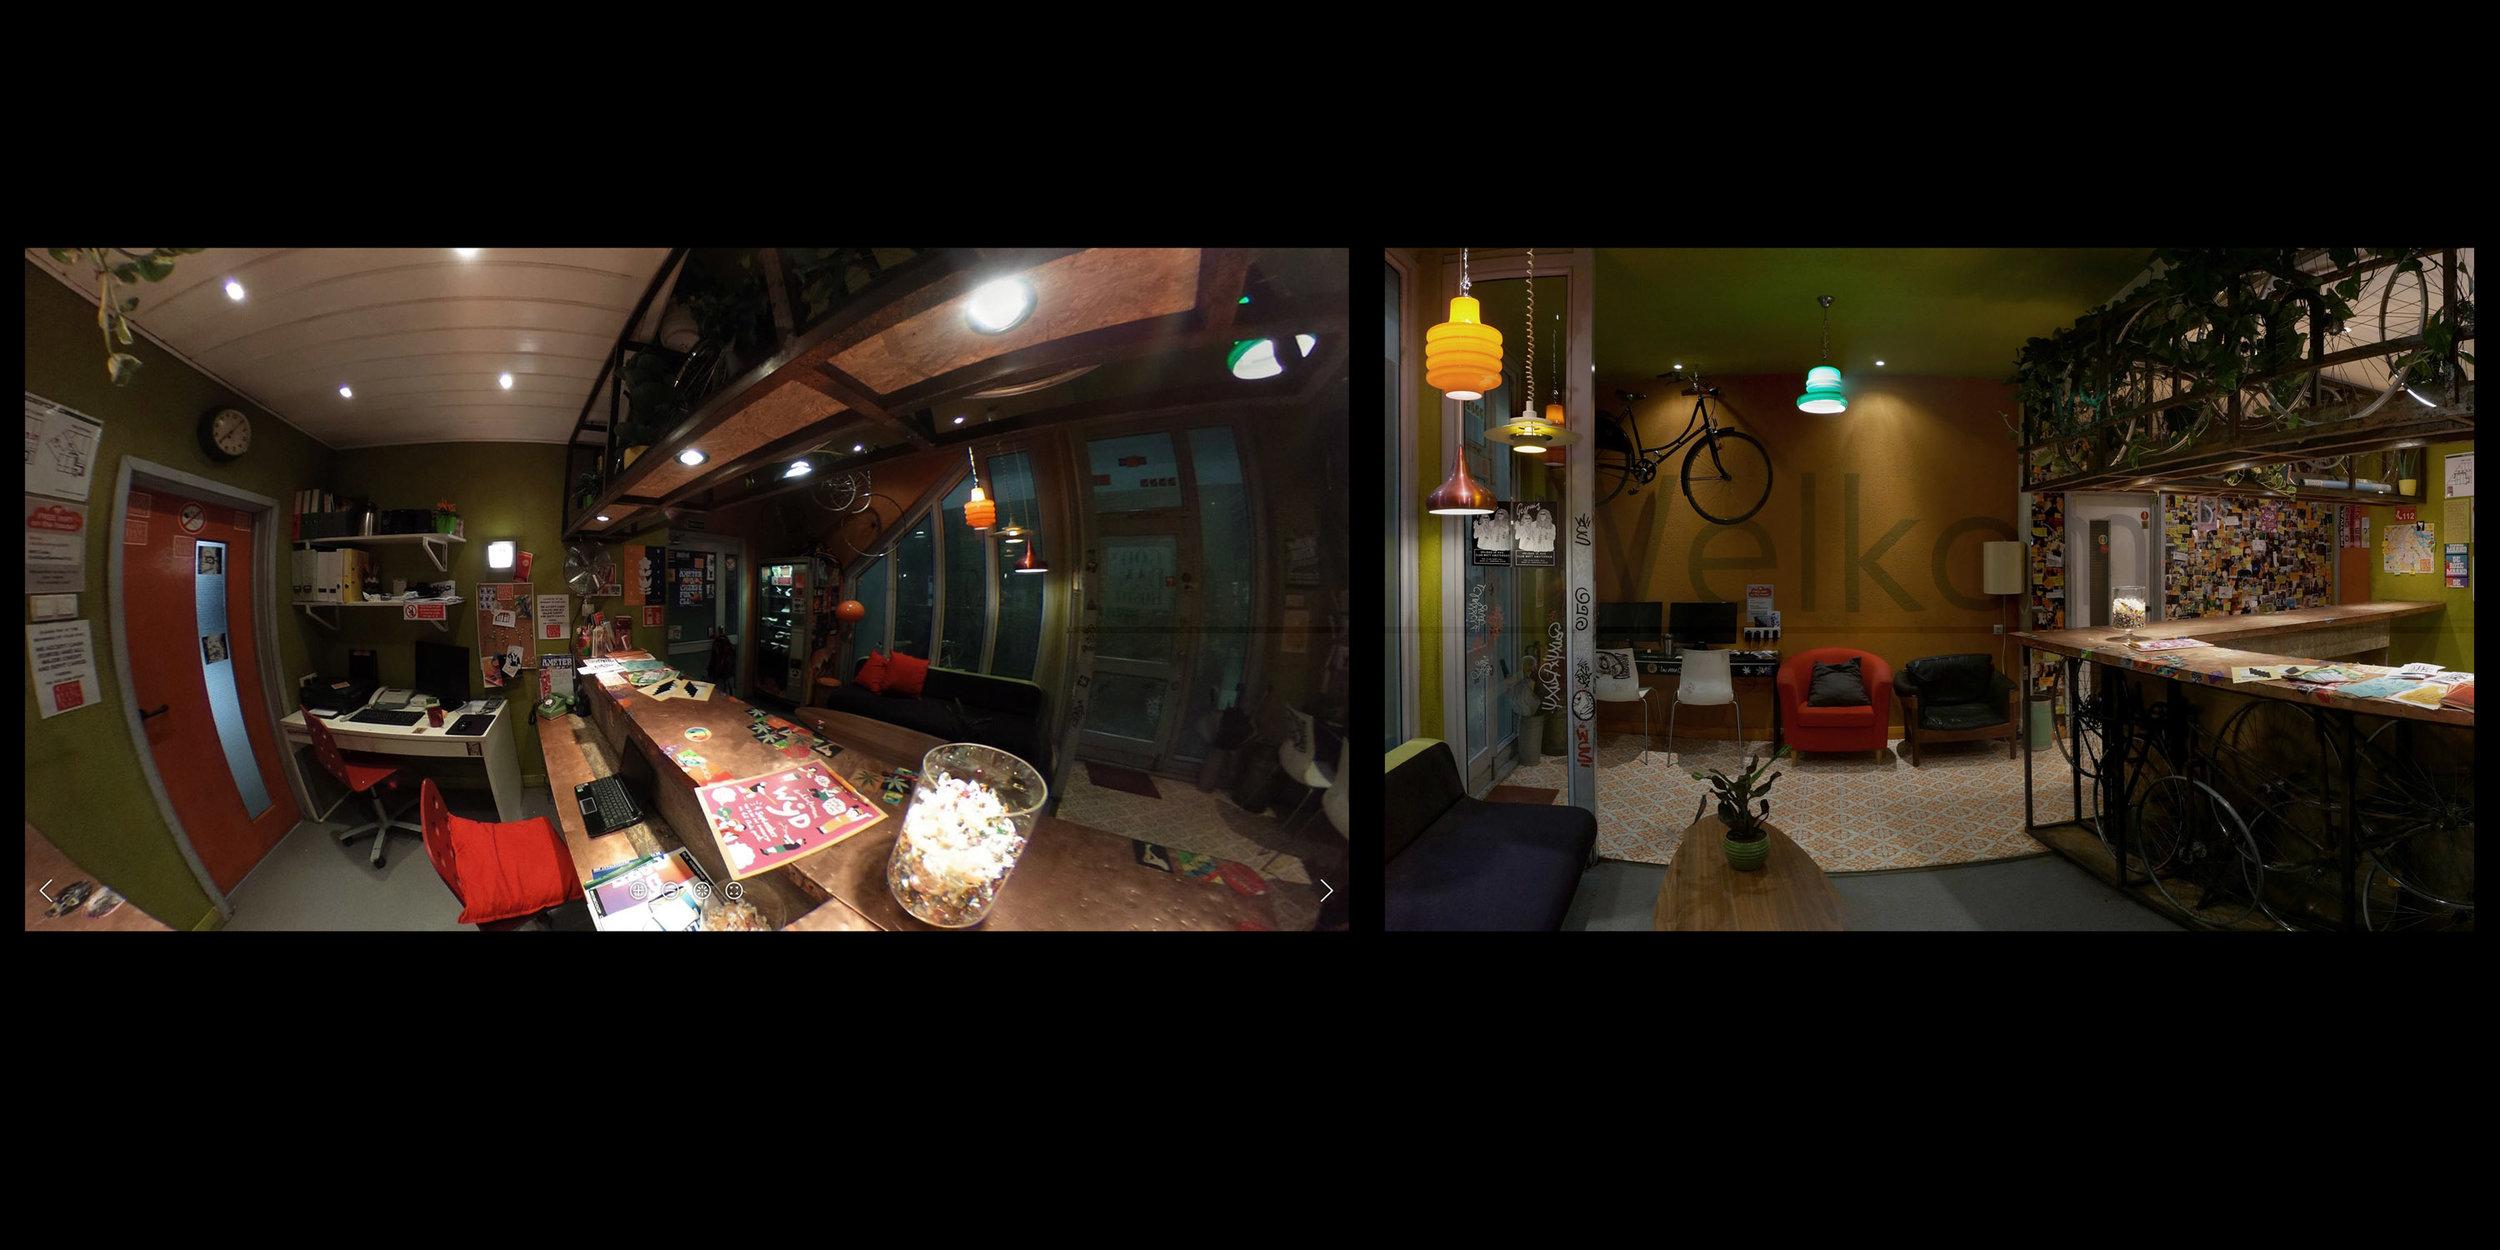 spy-amsterdam-05 - Copy.jpg